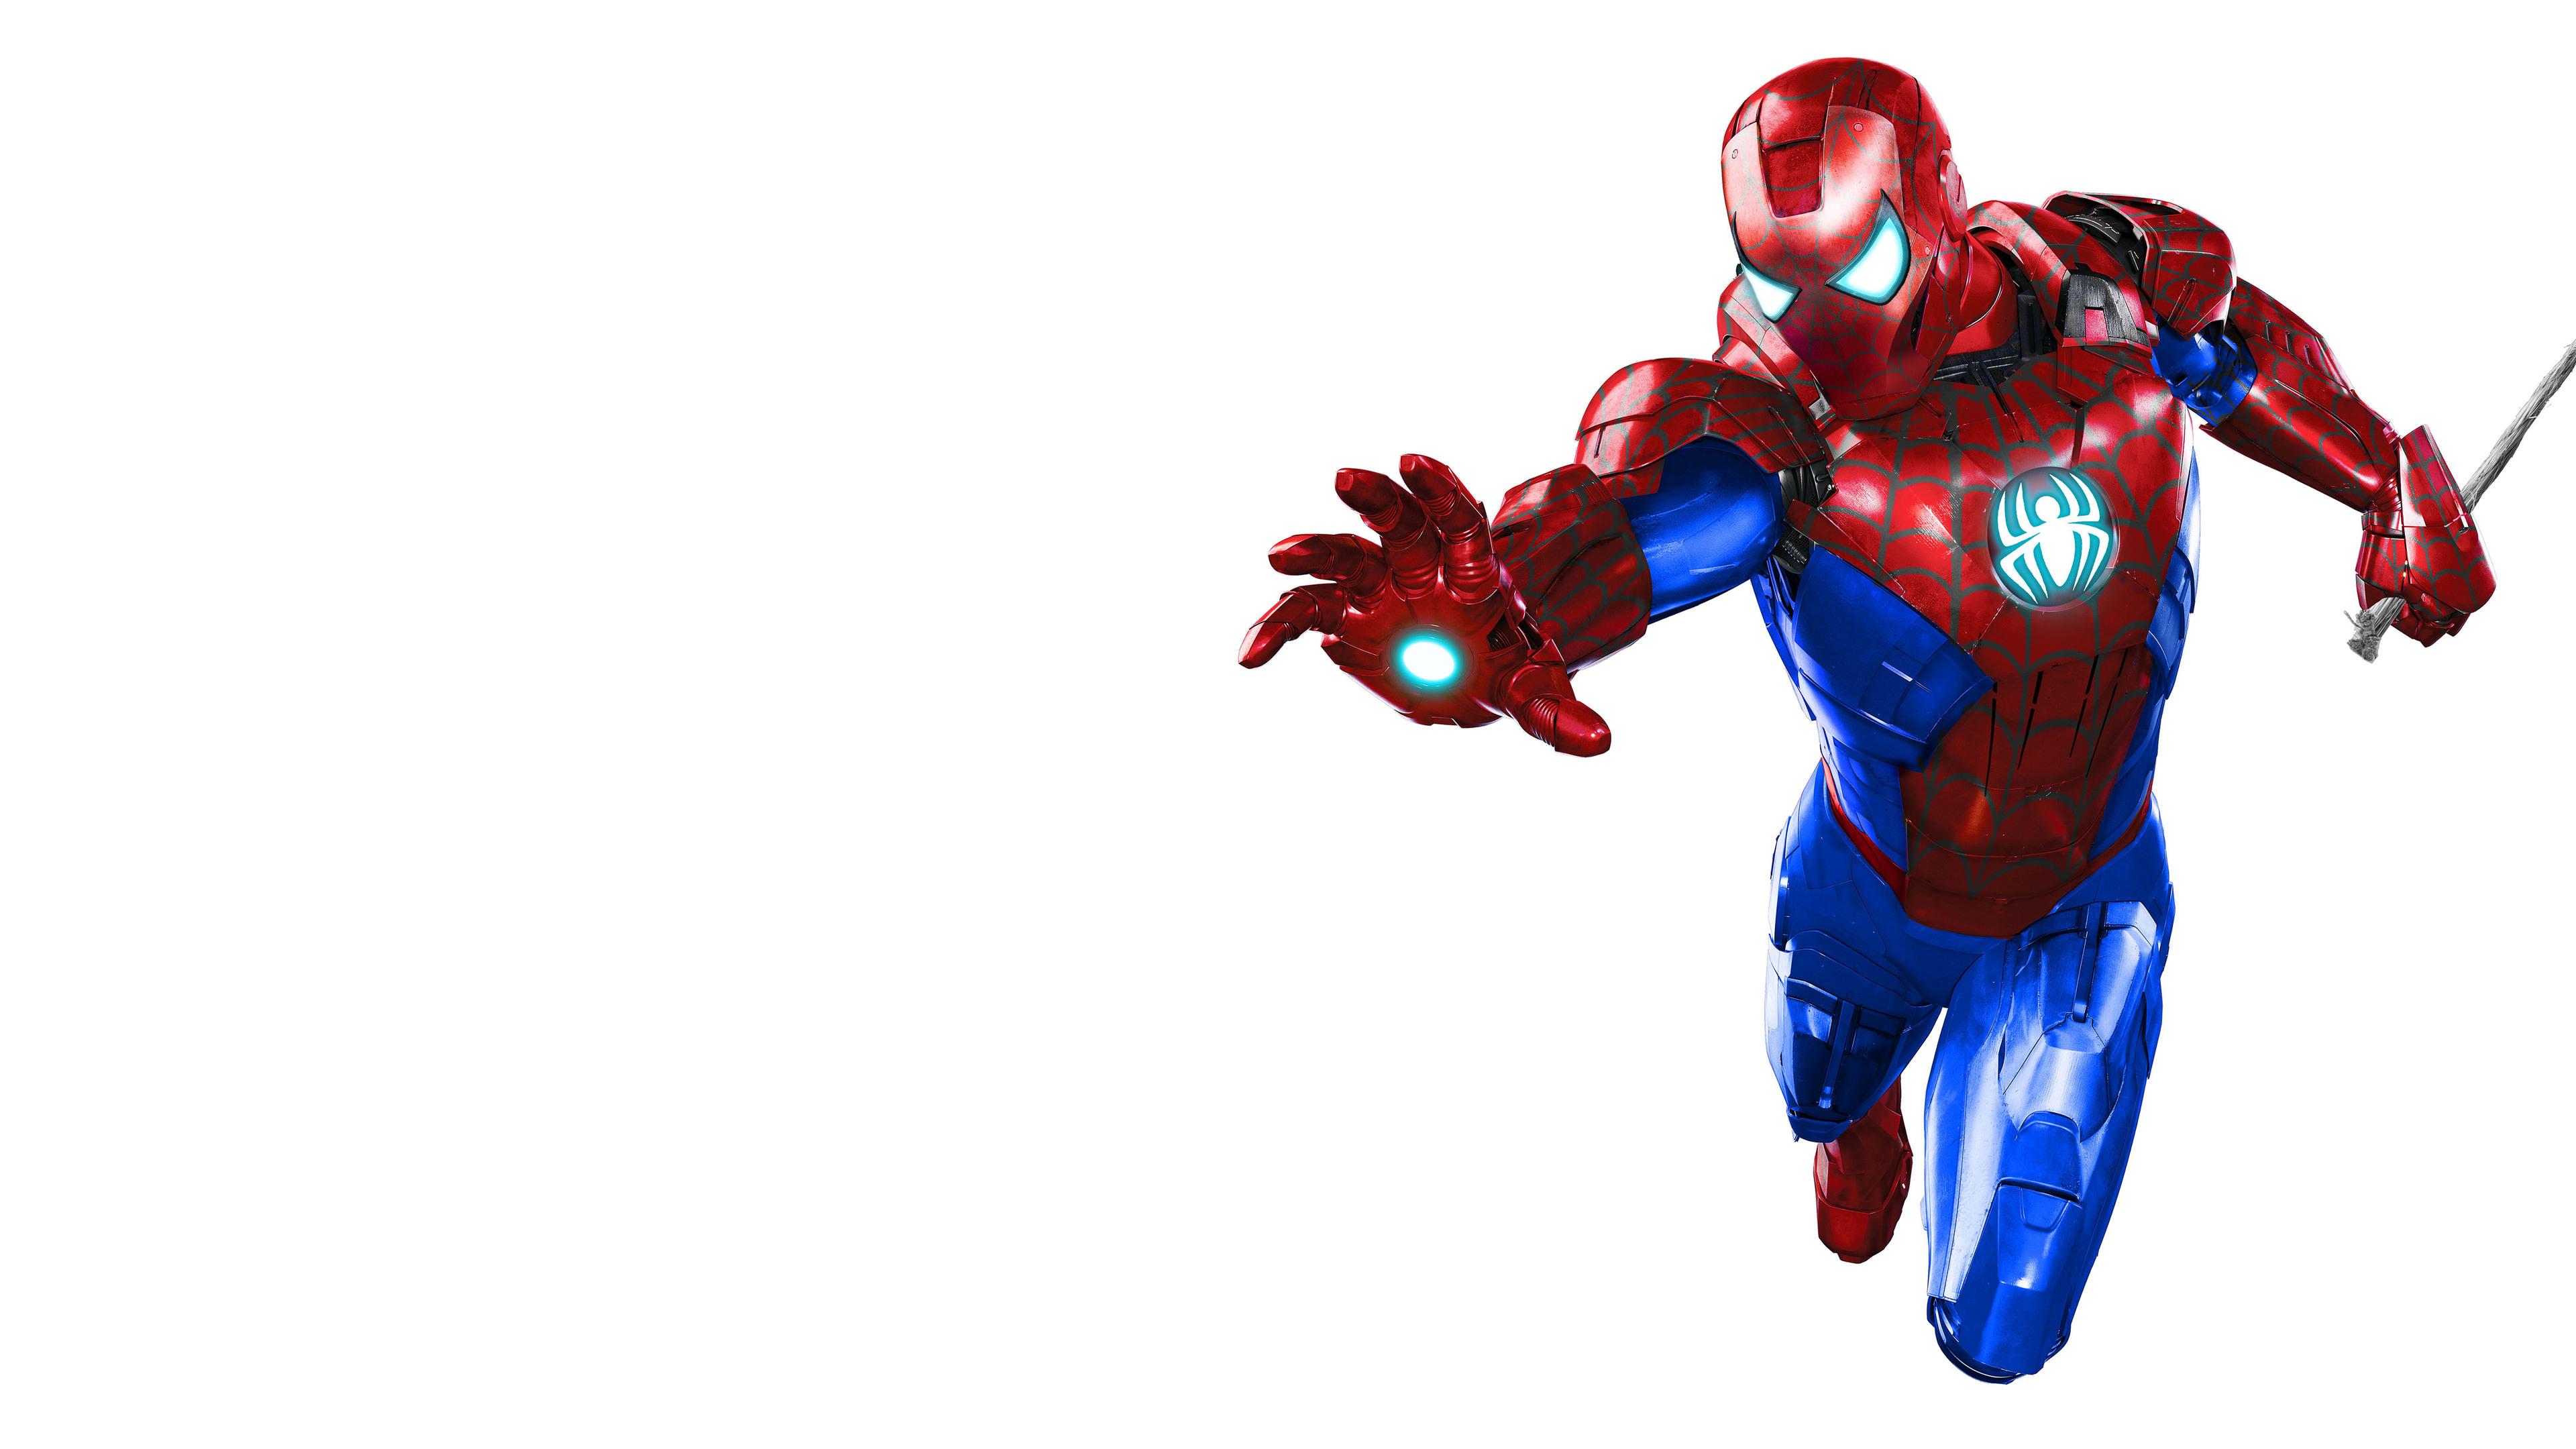 Wallpaper 4k Iron Spider Man Suit 4k Wallpapers 5k